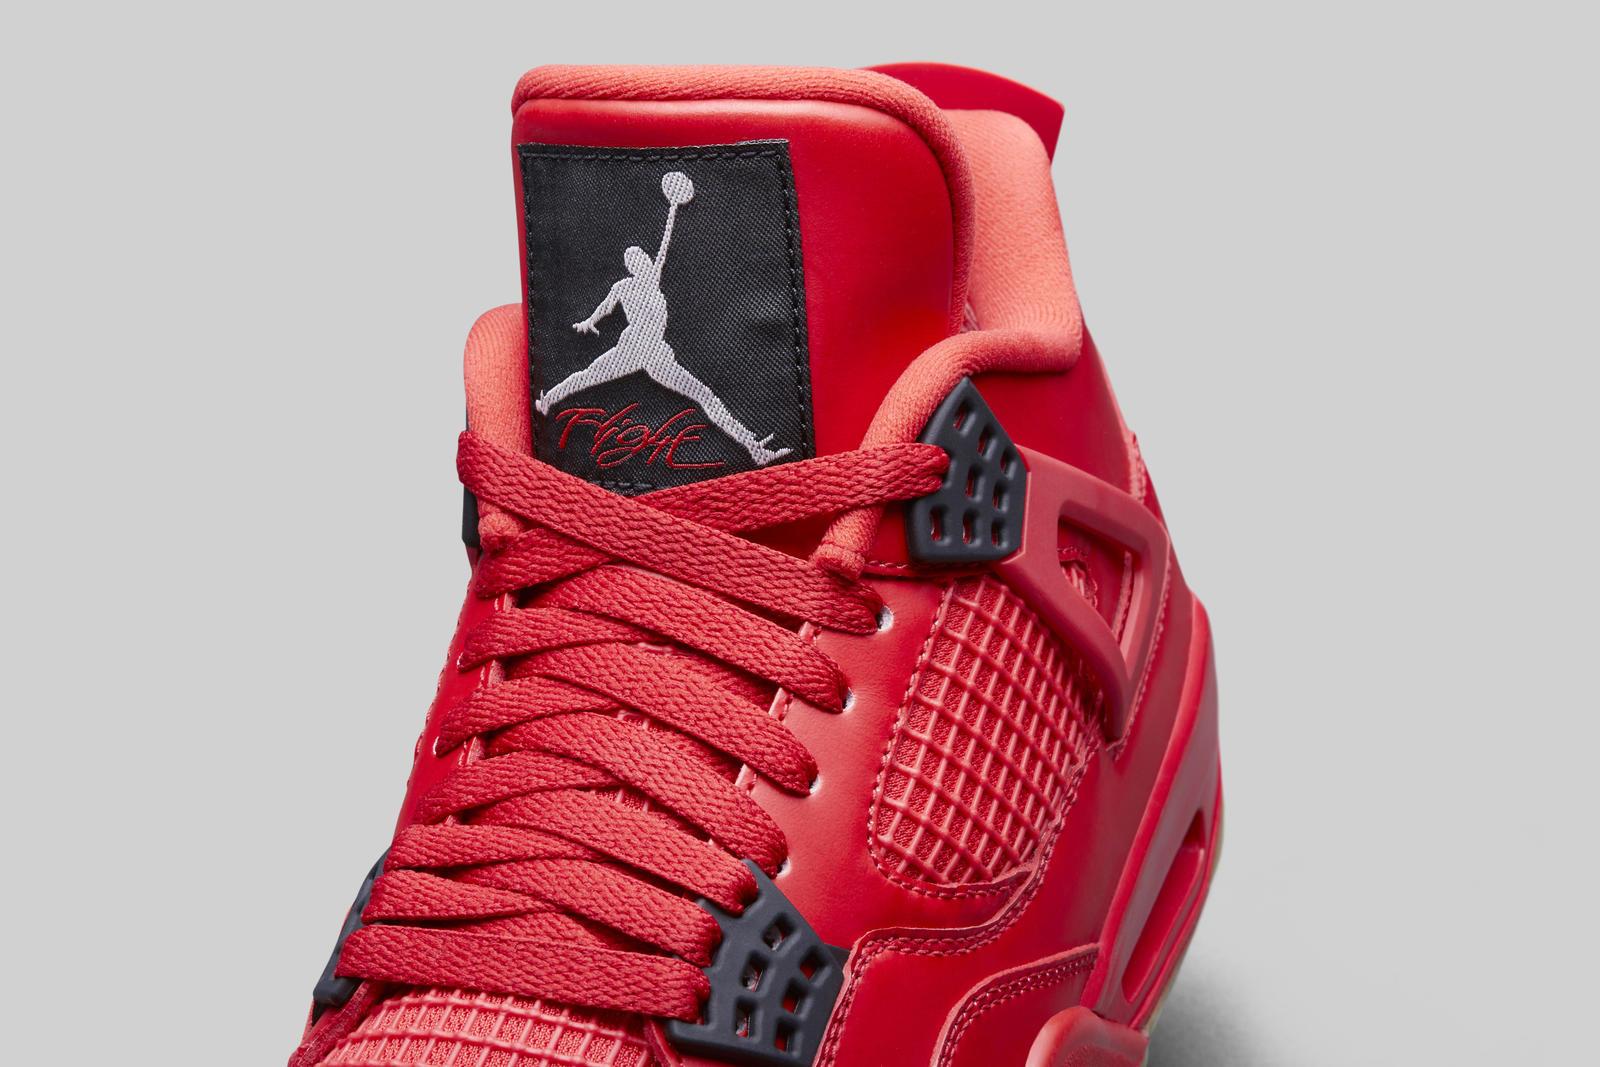 Air Jordan 4 fire red womens tongue